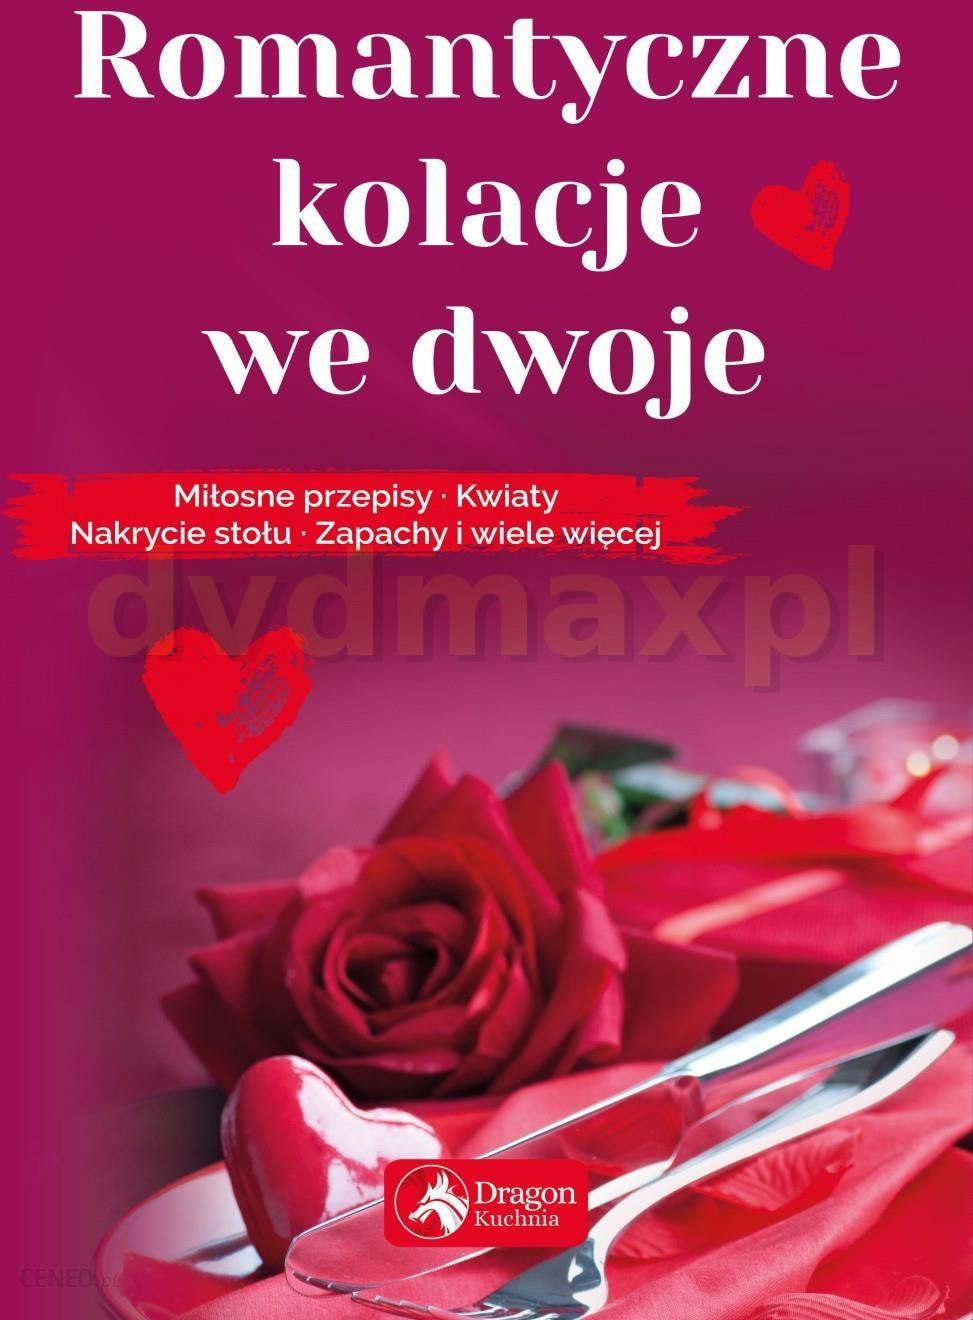 Romantyczne Kolacje We Dwoje Książka